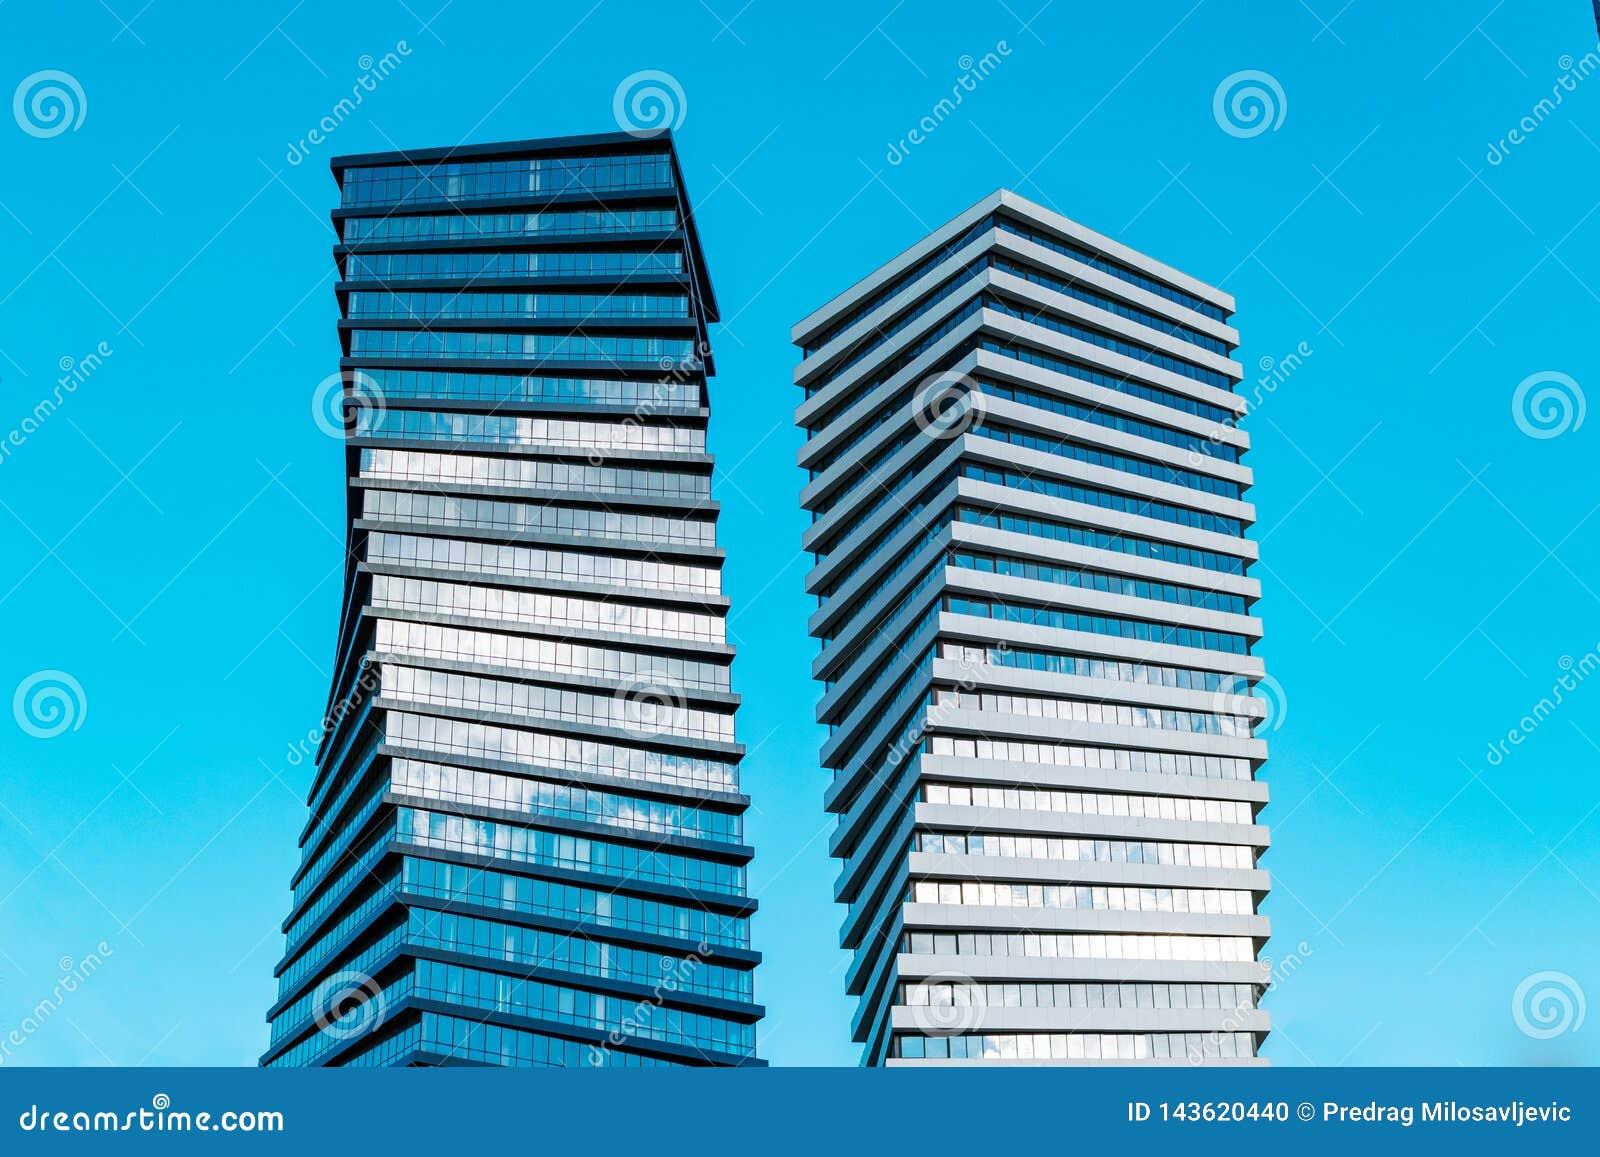 Zwei moderne hohe Geschäftswolkenkratzer mit Los Glasfenstern gegen blauen Himmel - Bild